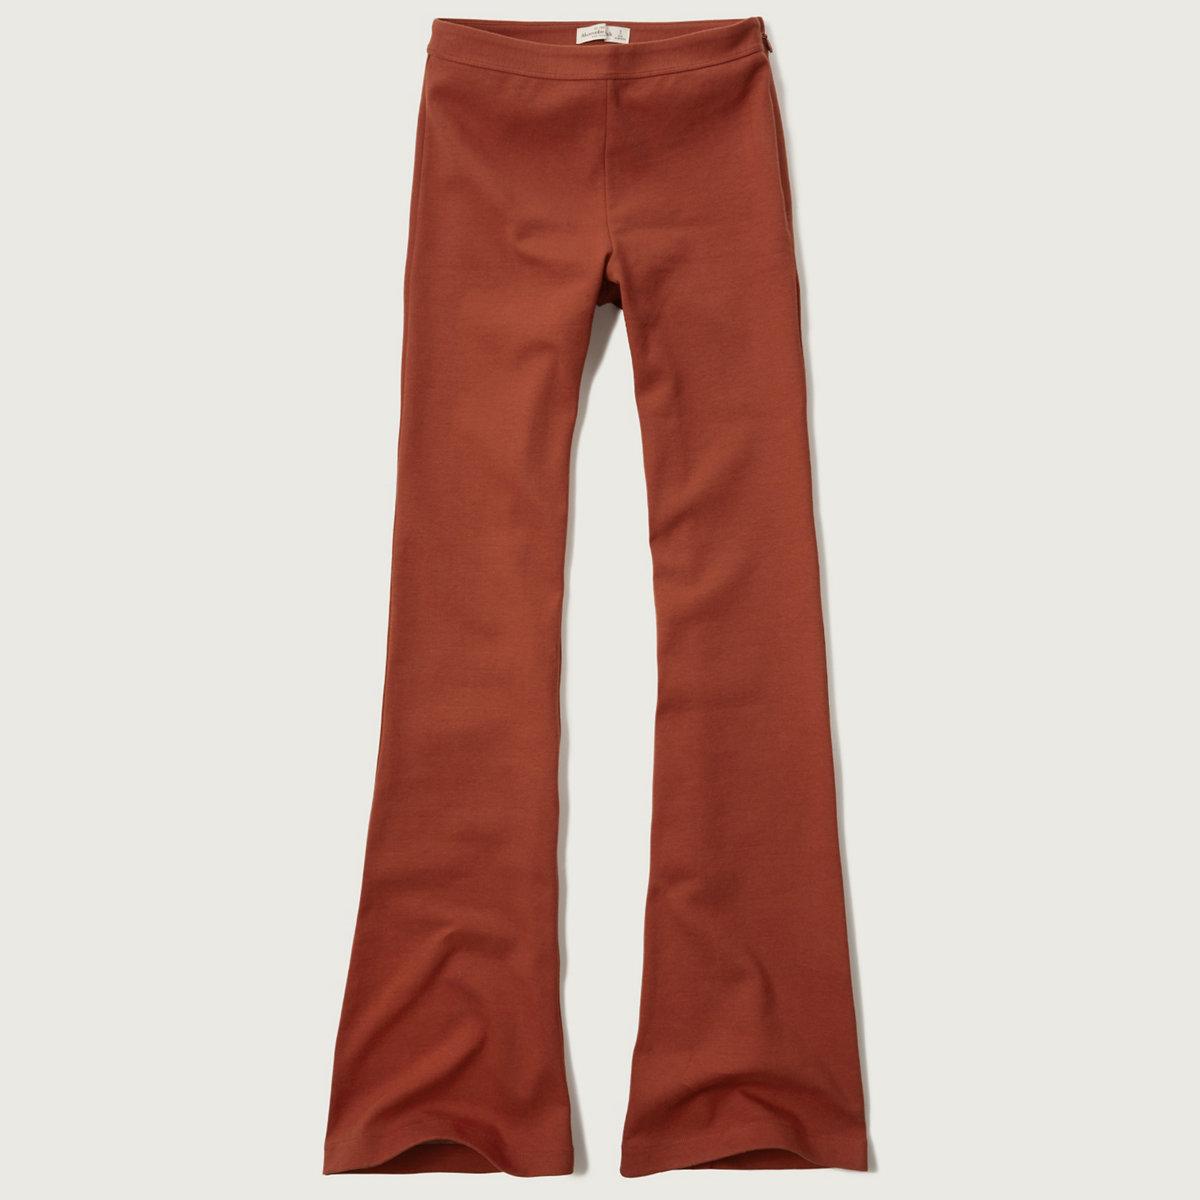 A&F Flare Pants